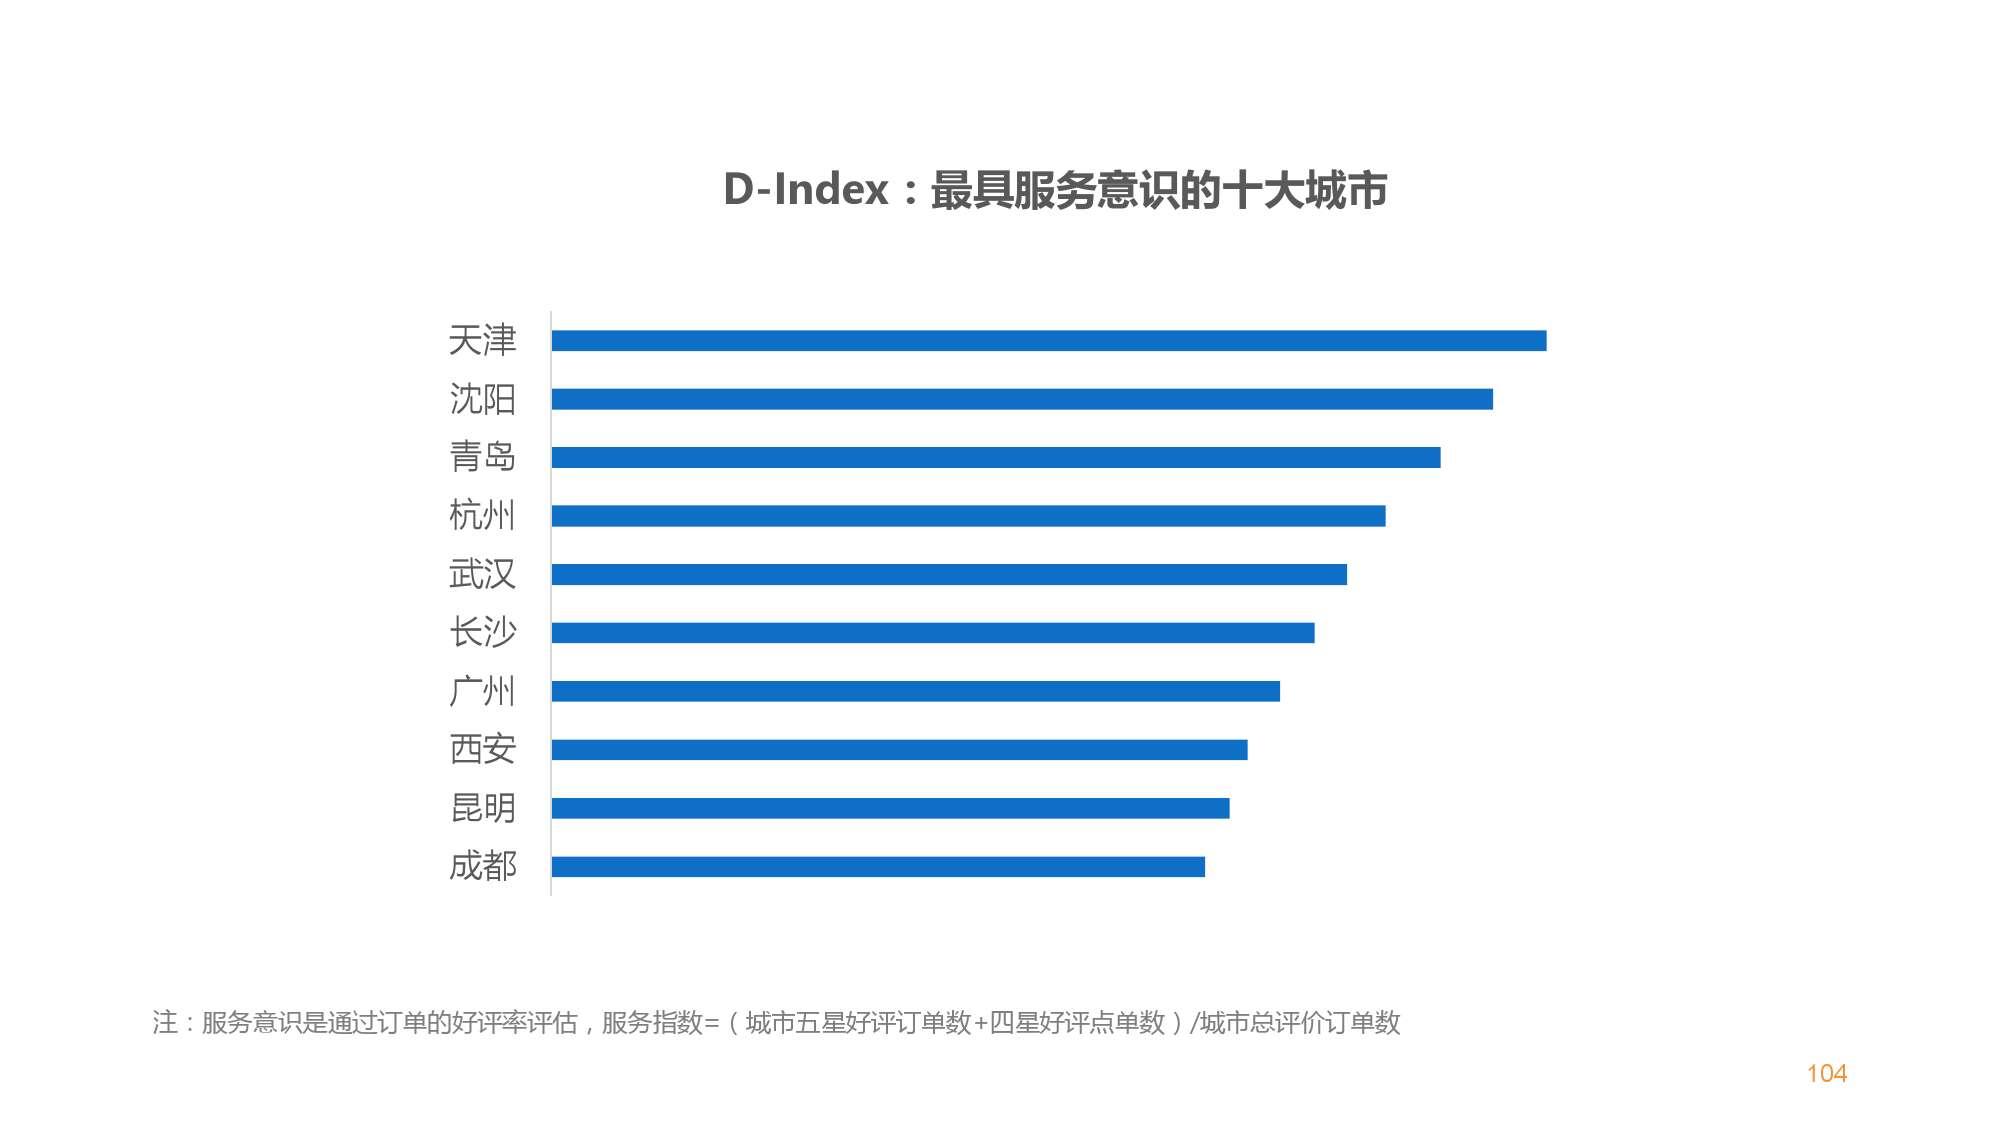 中国智能出行2015大数据报告_000104